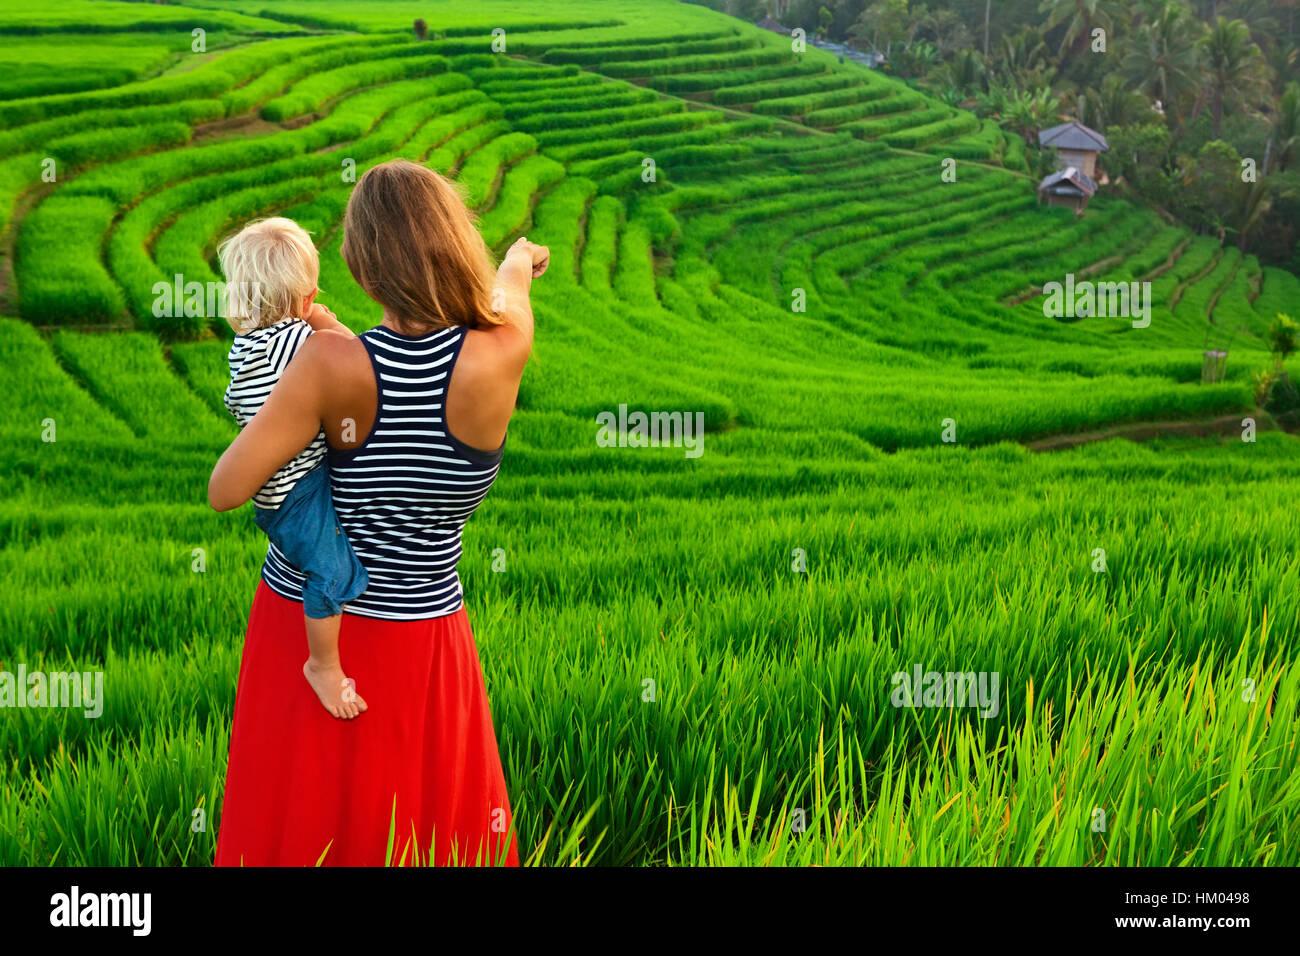 Schöne Aussicht auf balinesischen Felder. Naturspaziergang in grüne Reisterrassen. Glückliche Mutter Stockbild